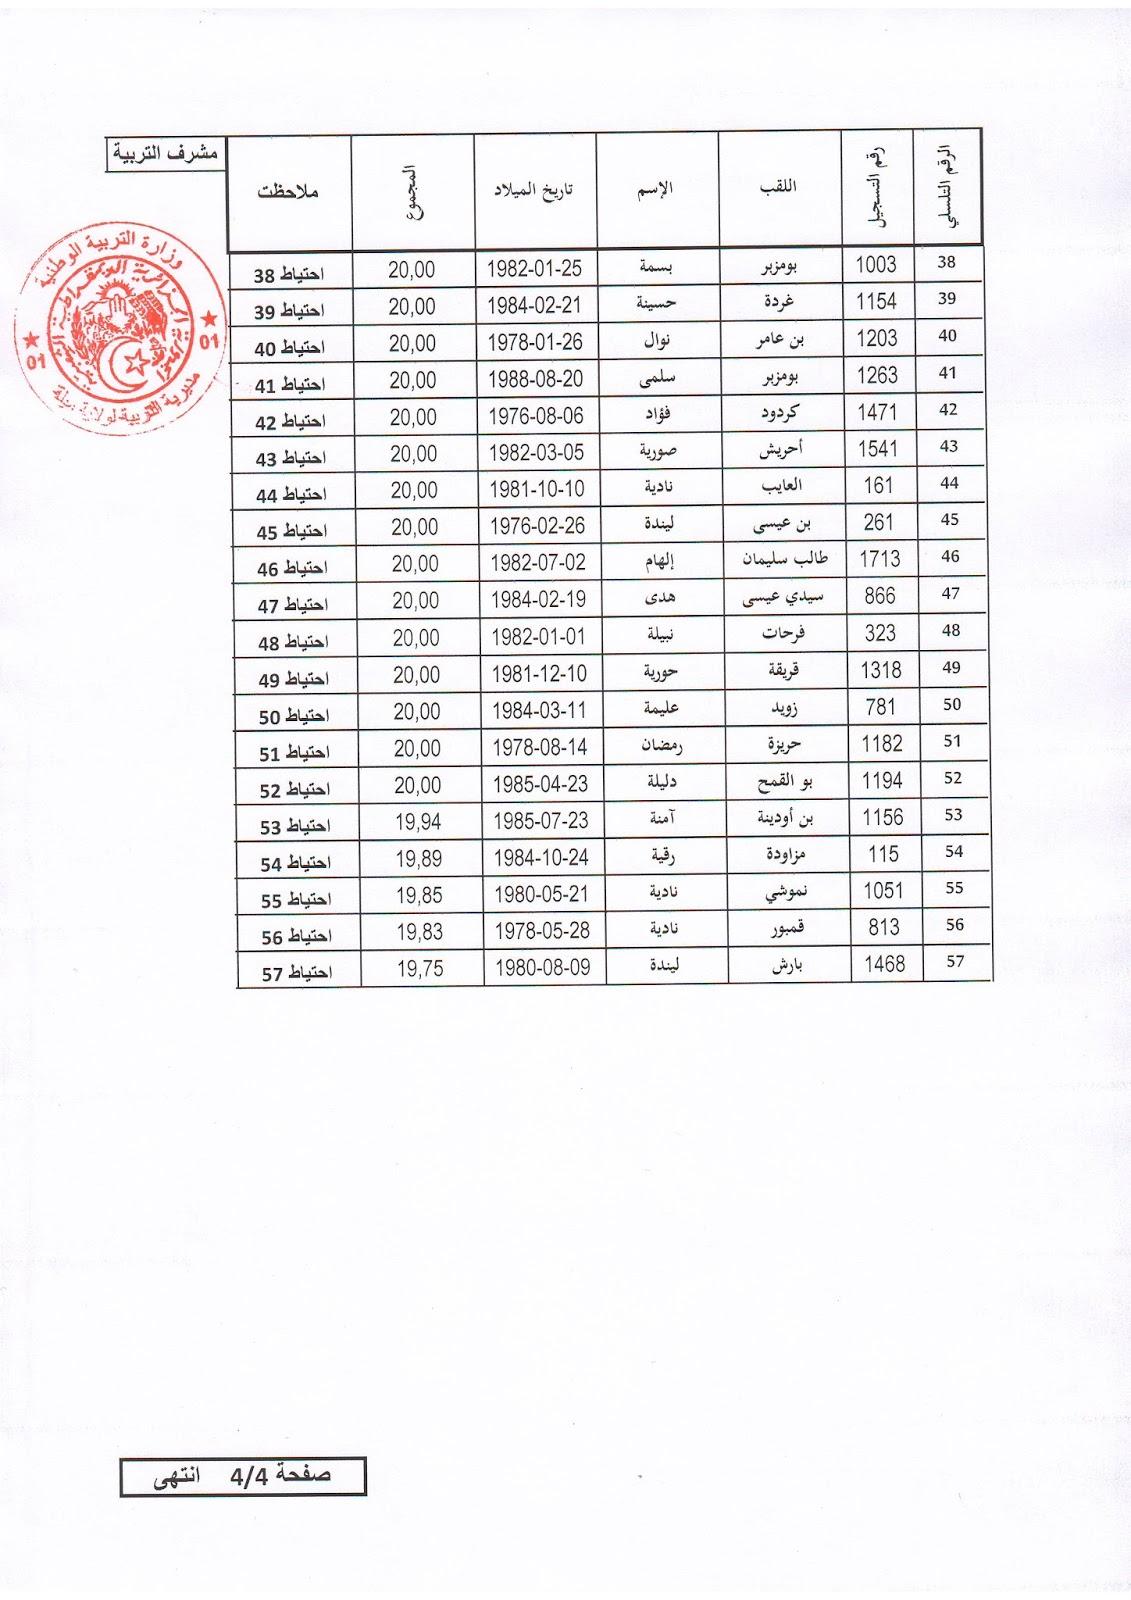 نتائج المسابقة على اساس الشهادة لرتبة مشرف التربية